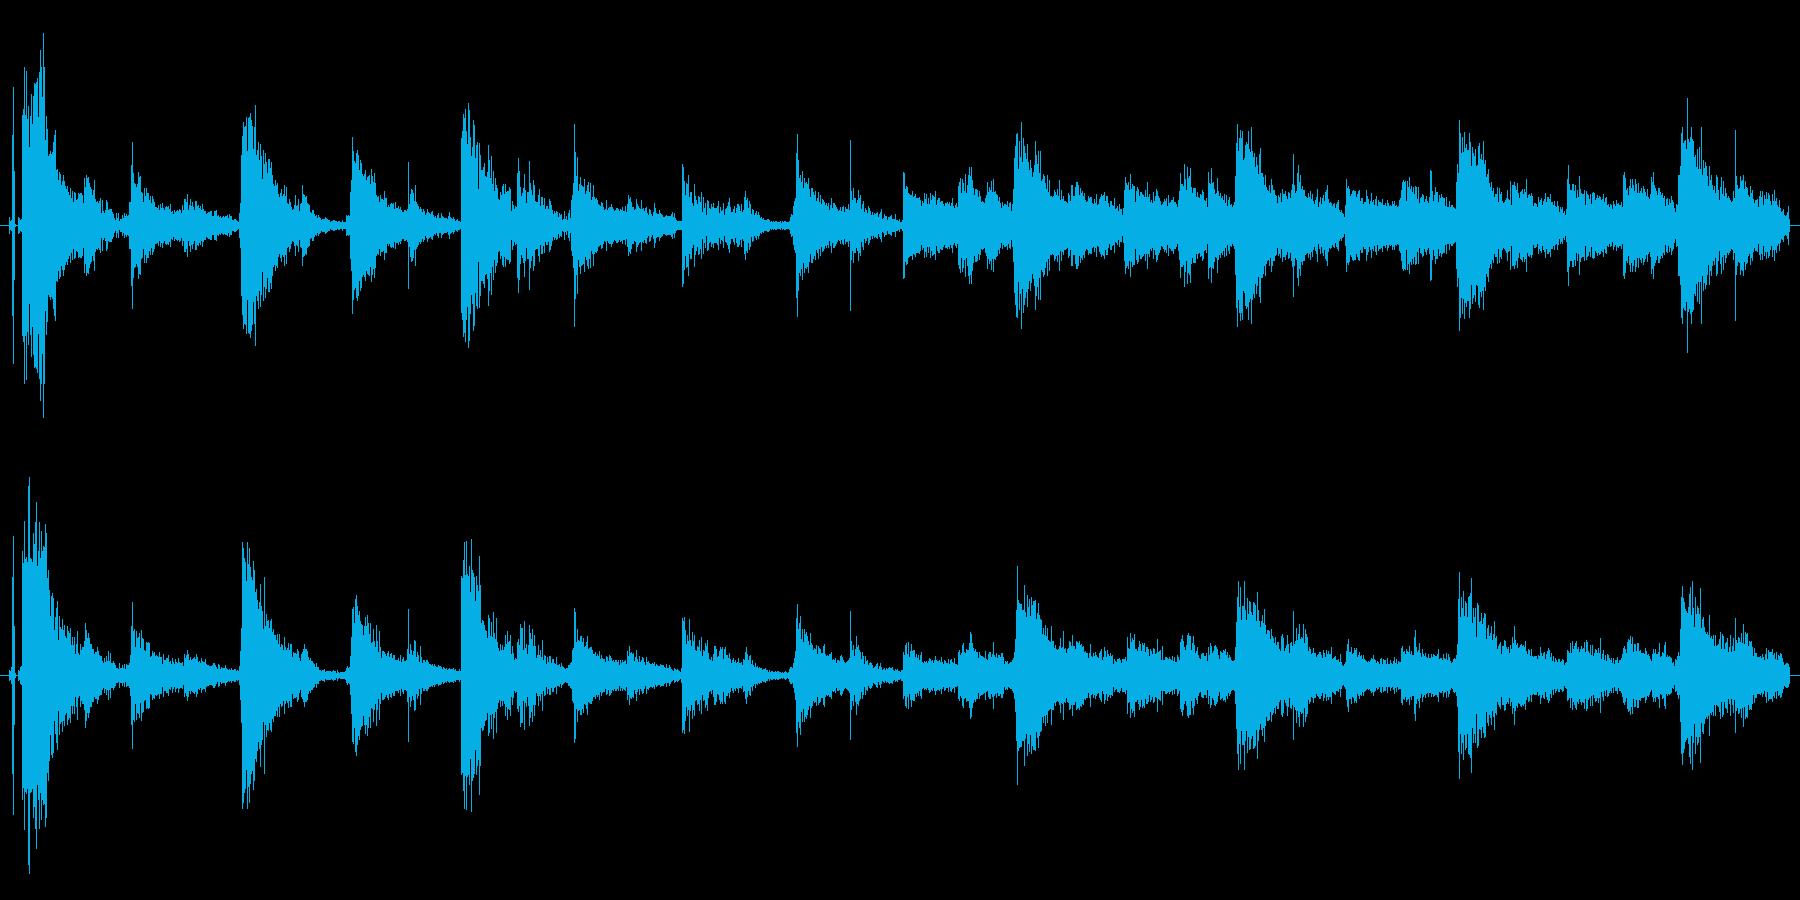 ドラムループ可能 ハイハット系01!の再生済みの波形